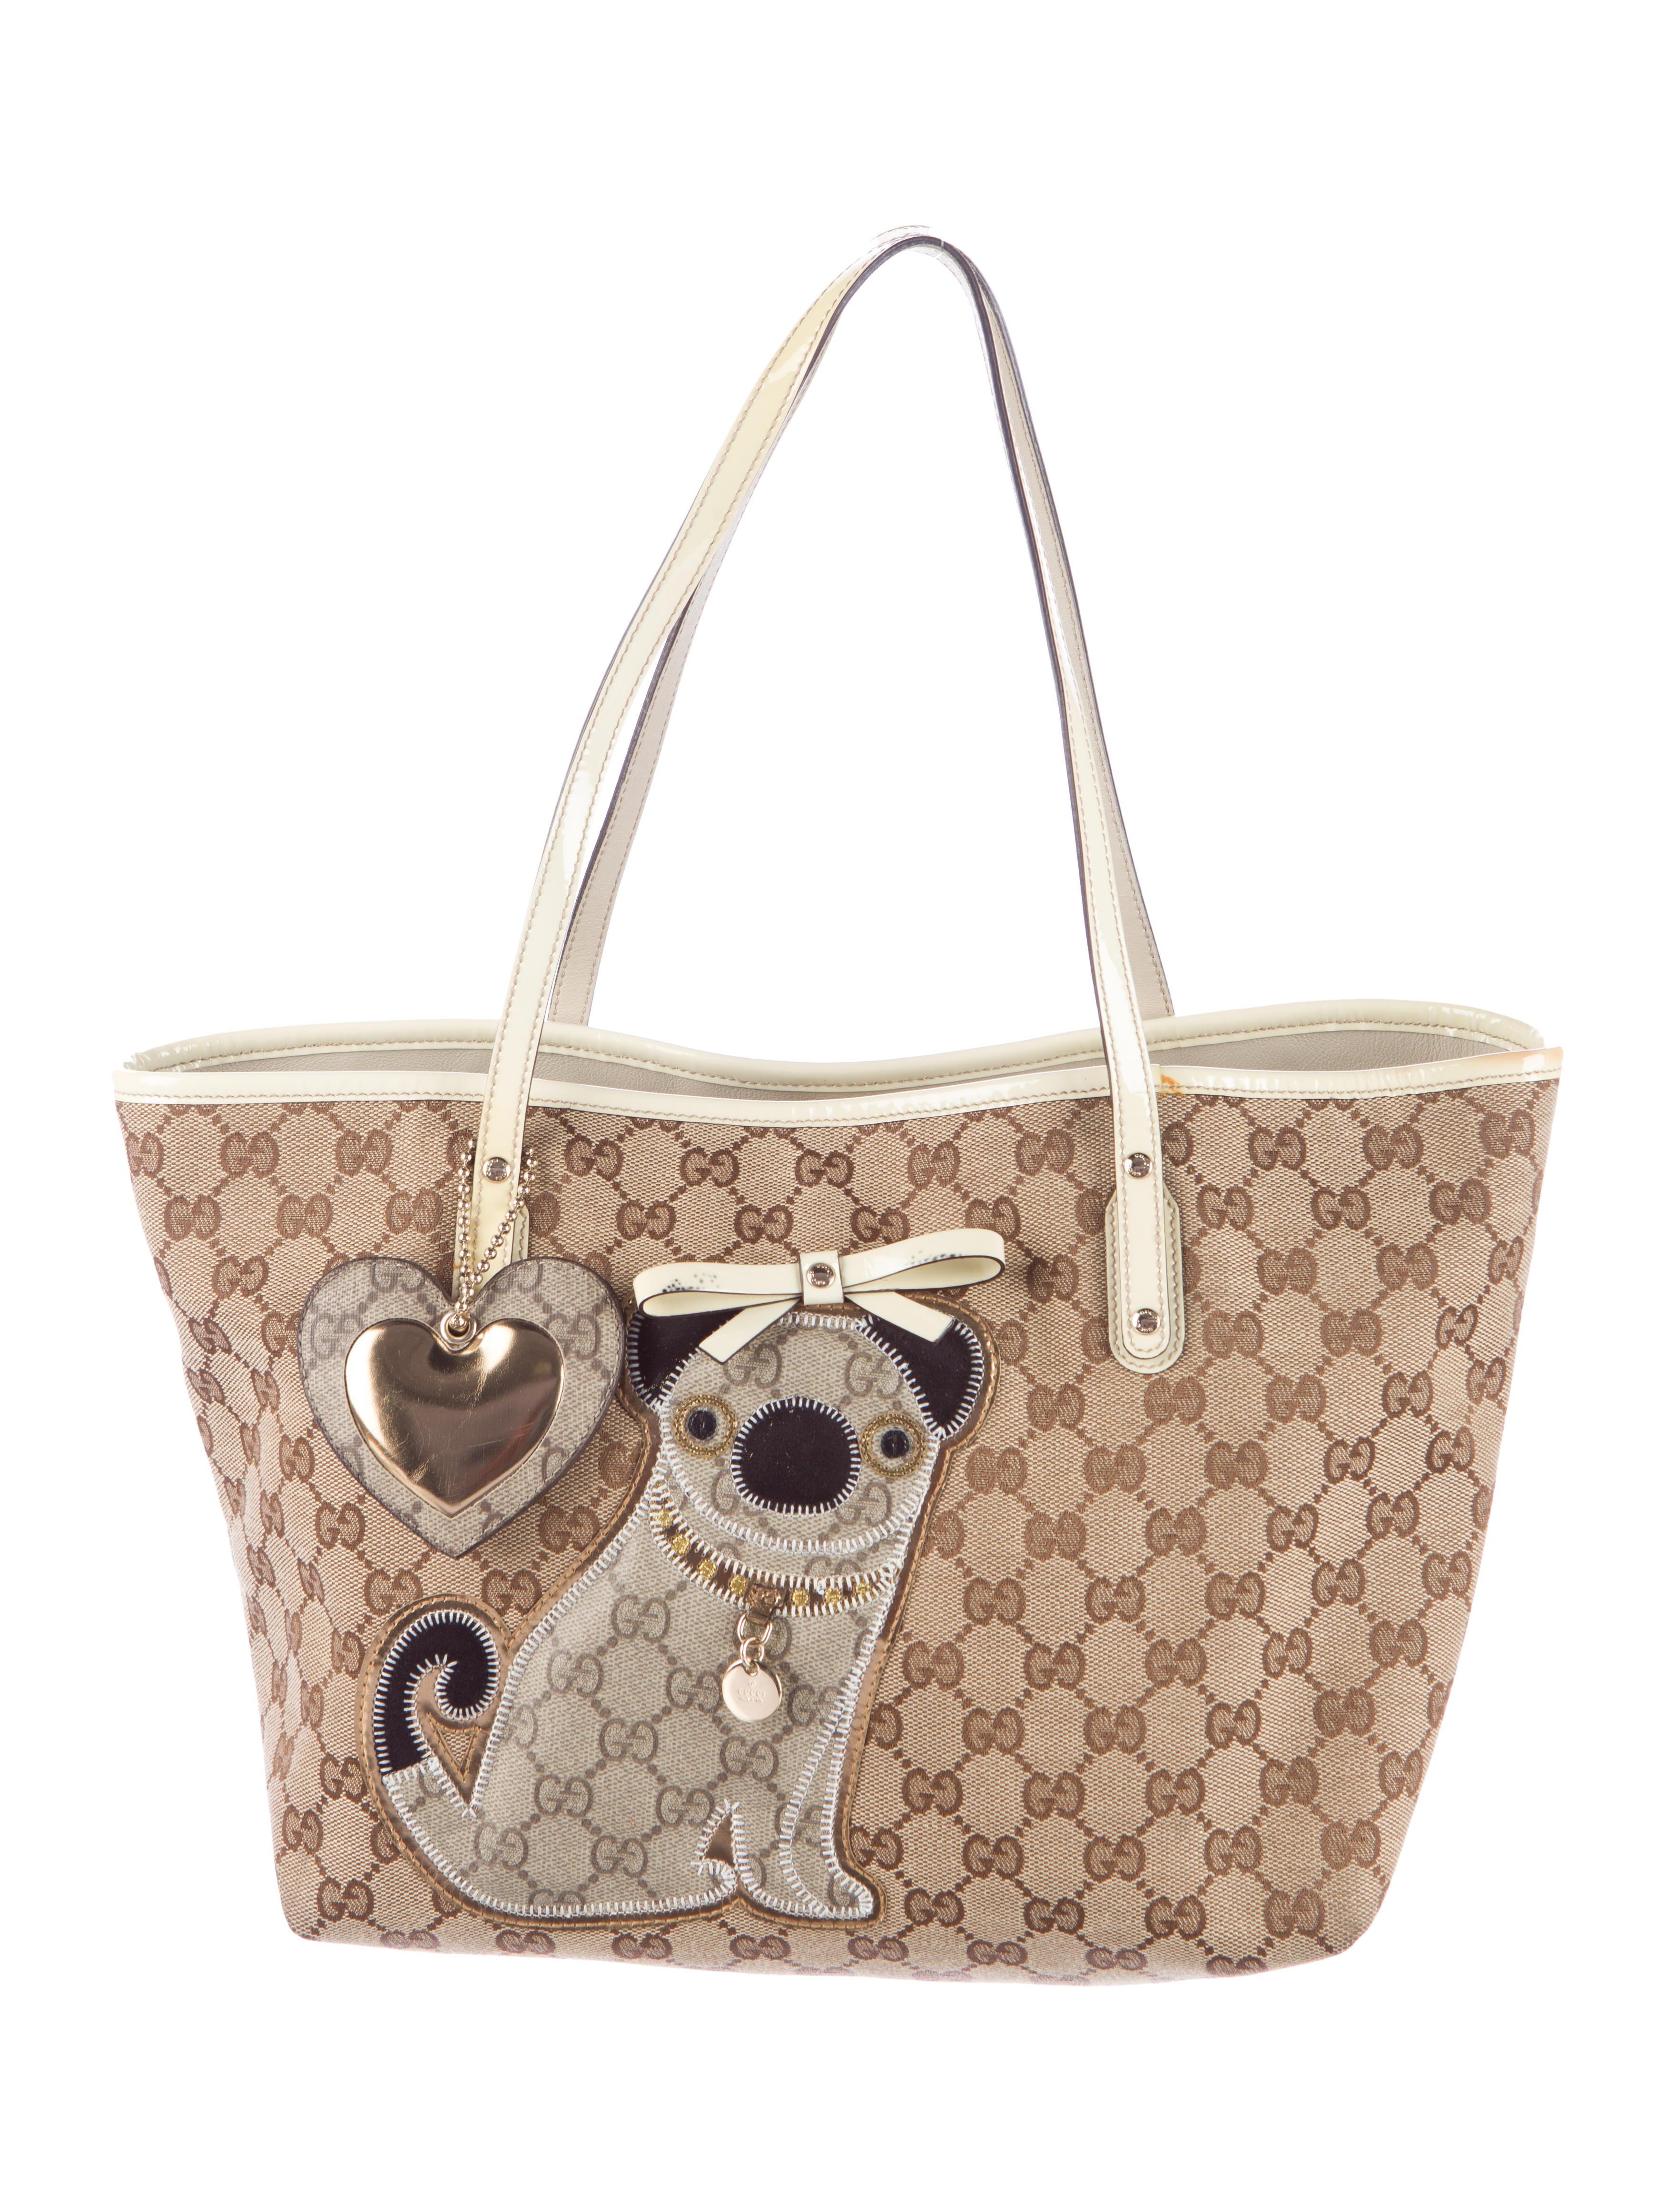 cc4435de452f Gucci Guccioli Medium Oliver Tote - Handbags - GUC96216 | The RealReal